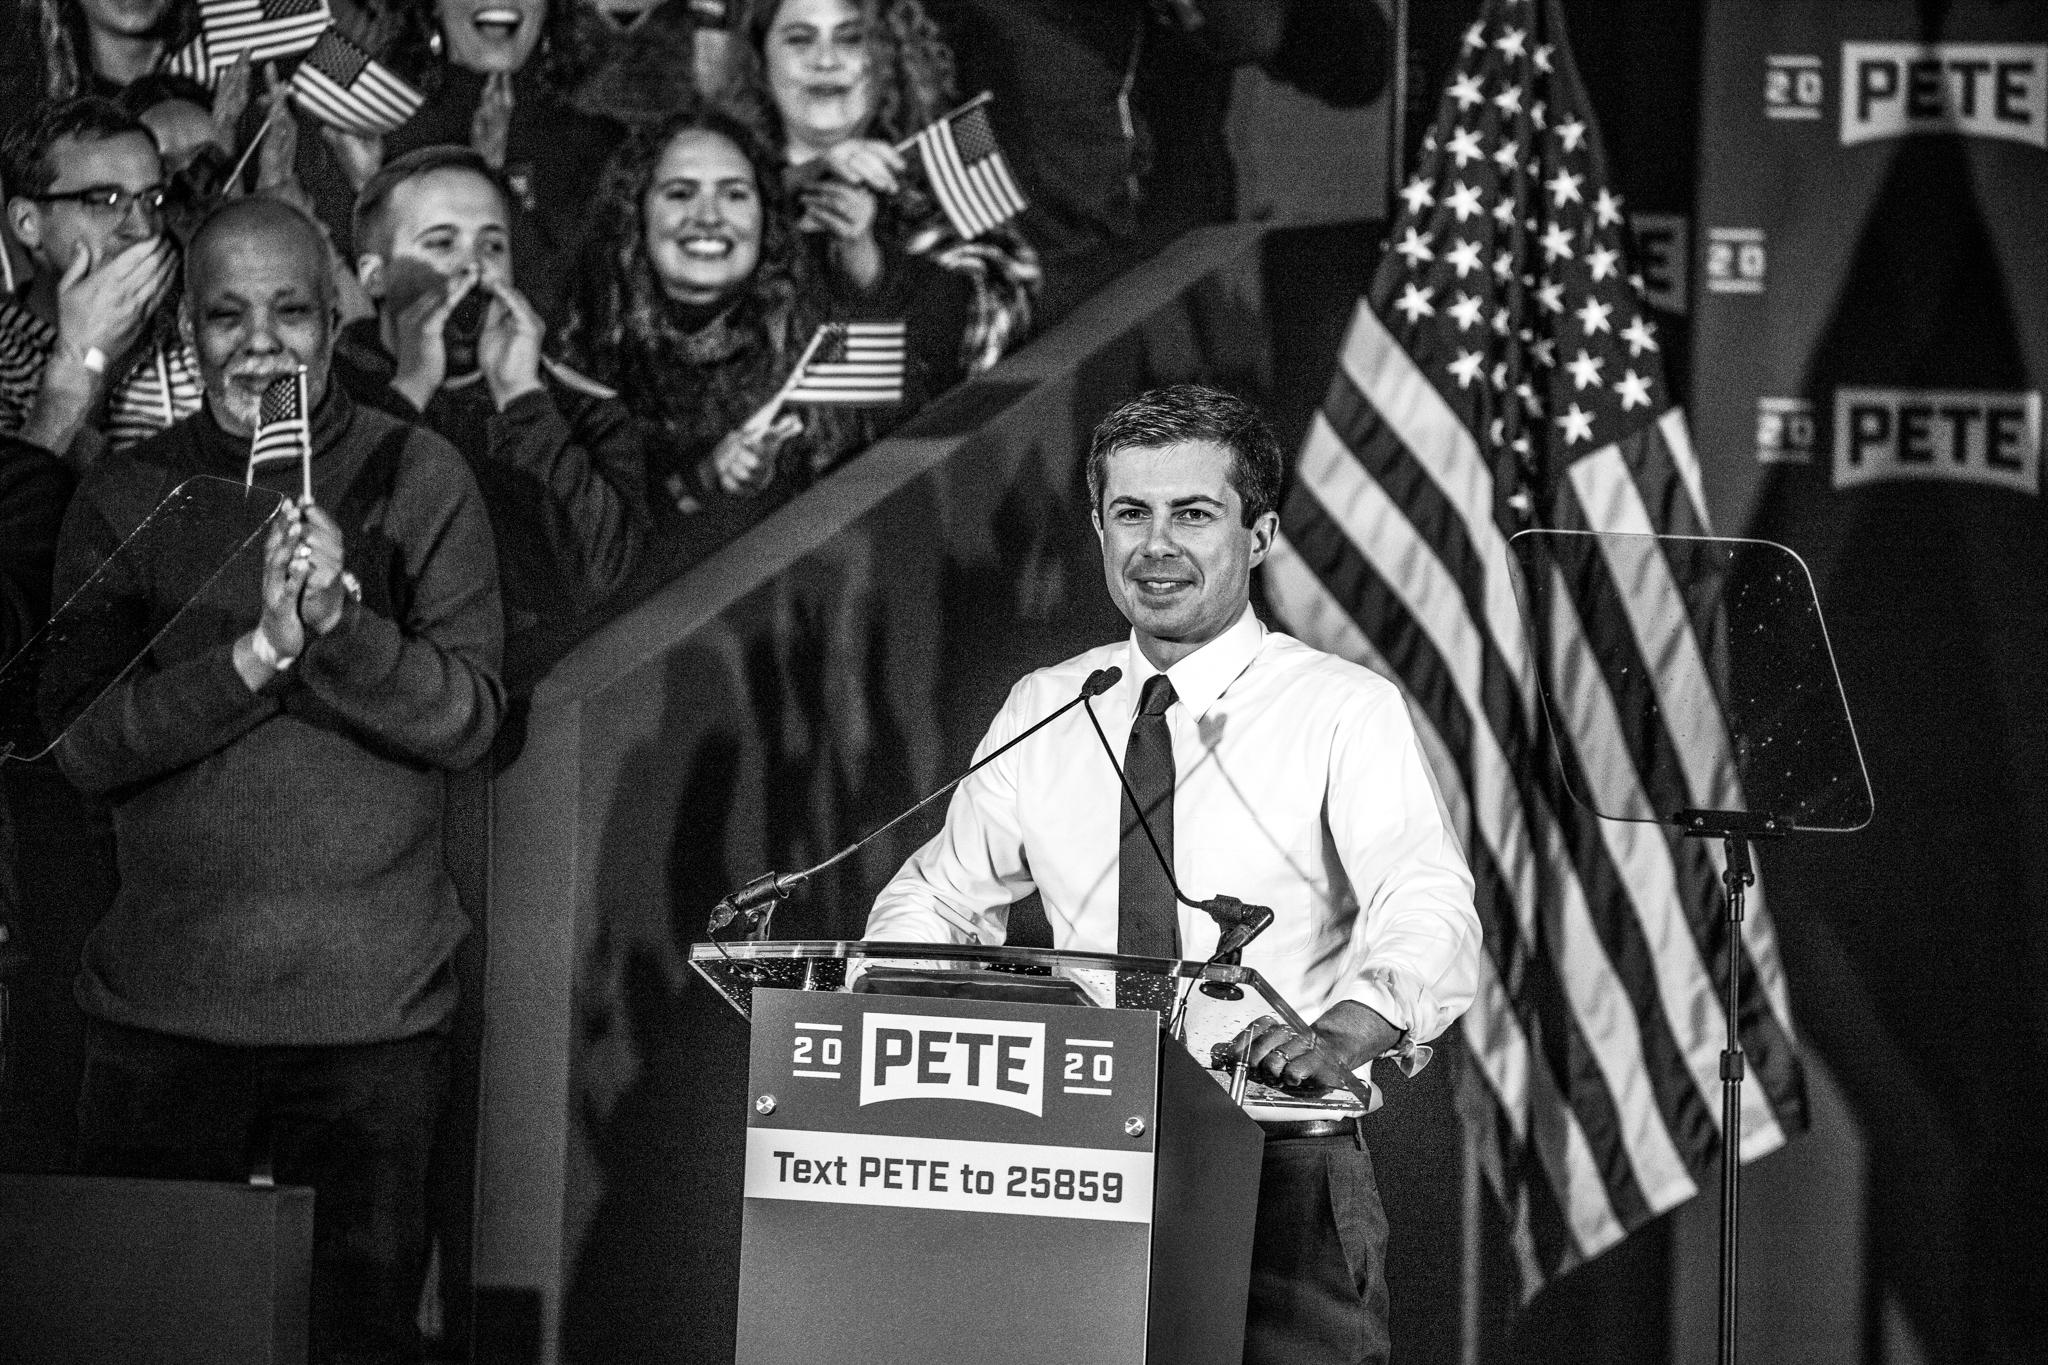 Pete-017.jpg